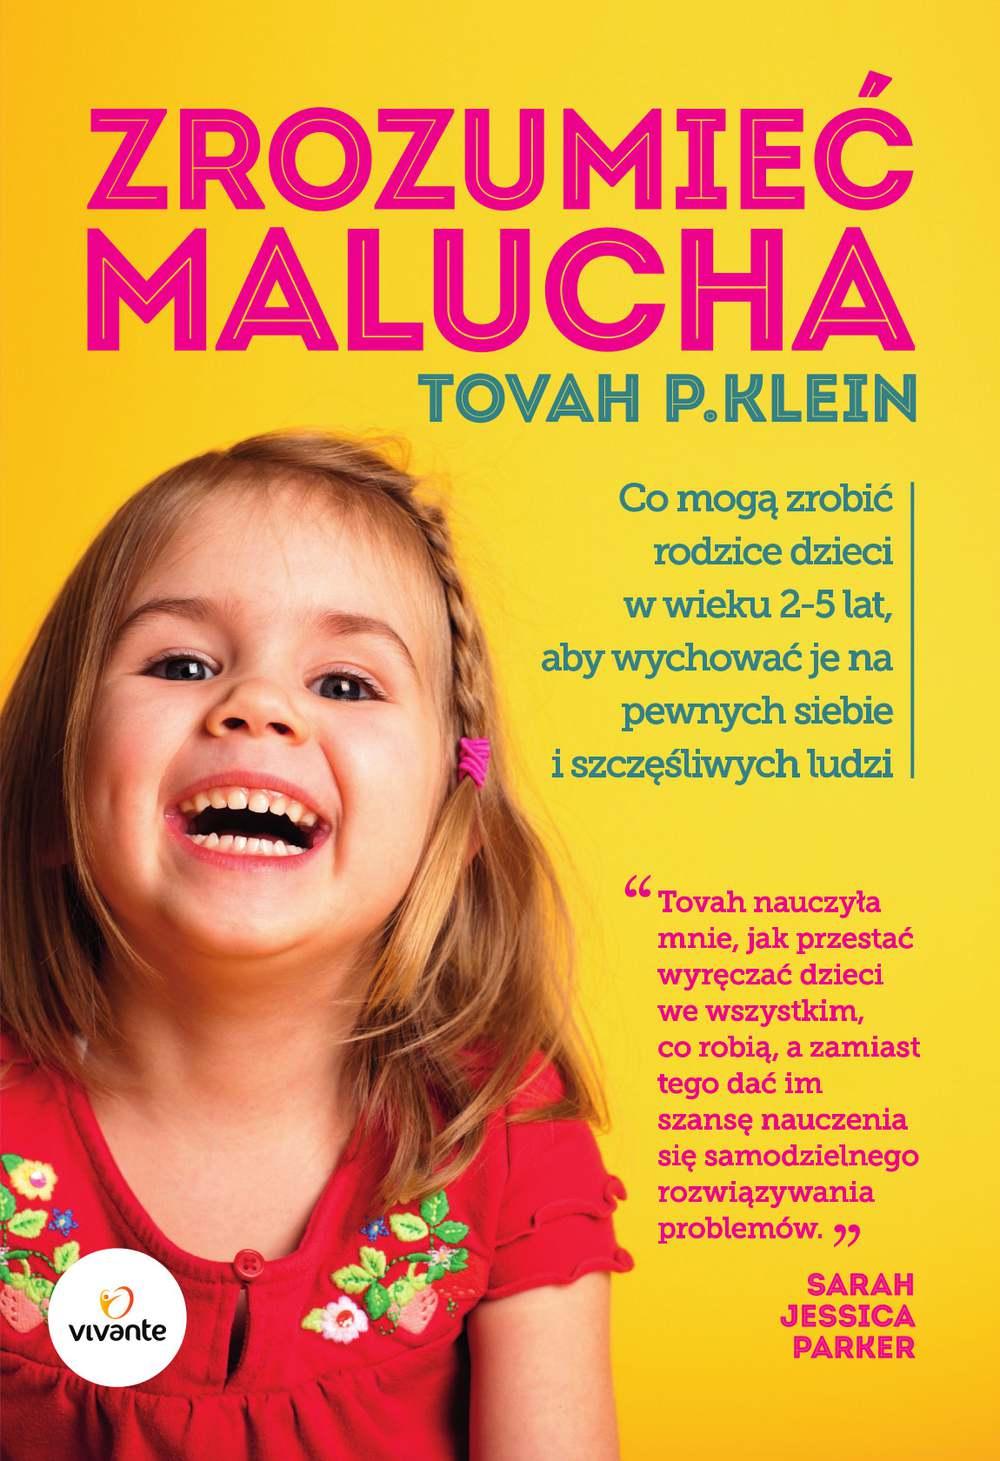 Zrozumieć malucha. Co mogą zrobić rodzice dla dzieci w wieku 2-5 lat, aby wychować je na pewnych siebie i szczęśliwych ludzi - Ebook (Książka EPUB) do pobrania w formacie EPUB